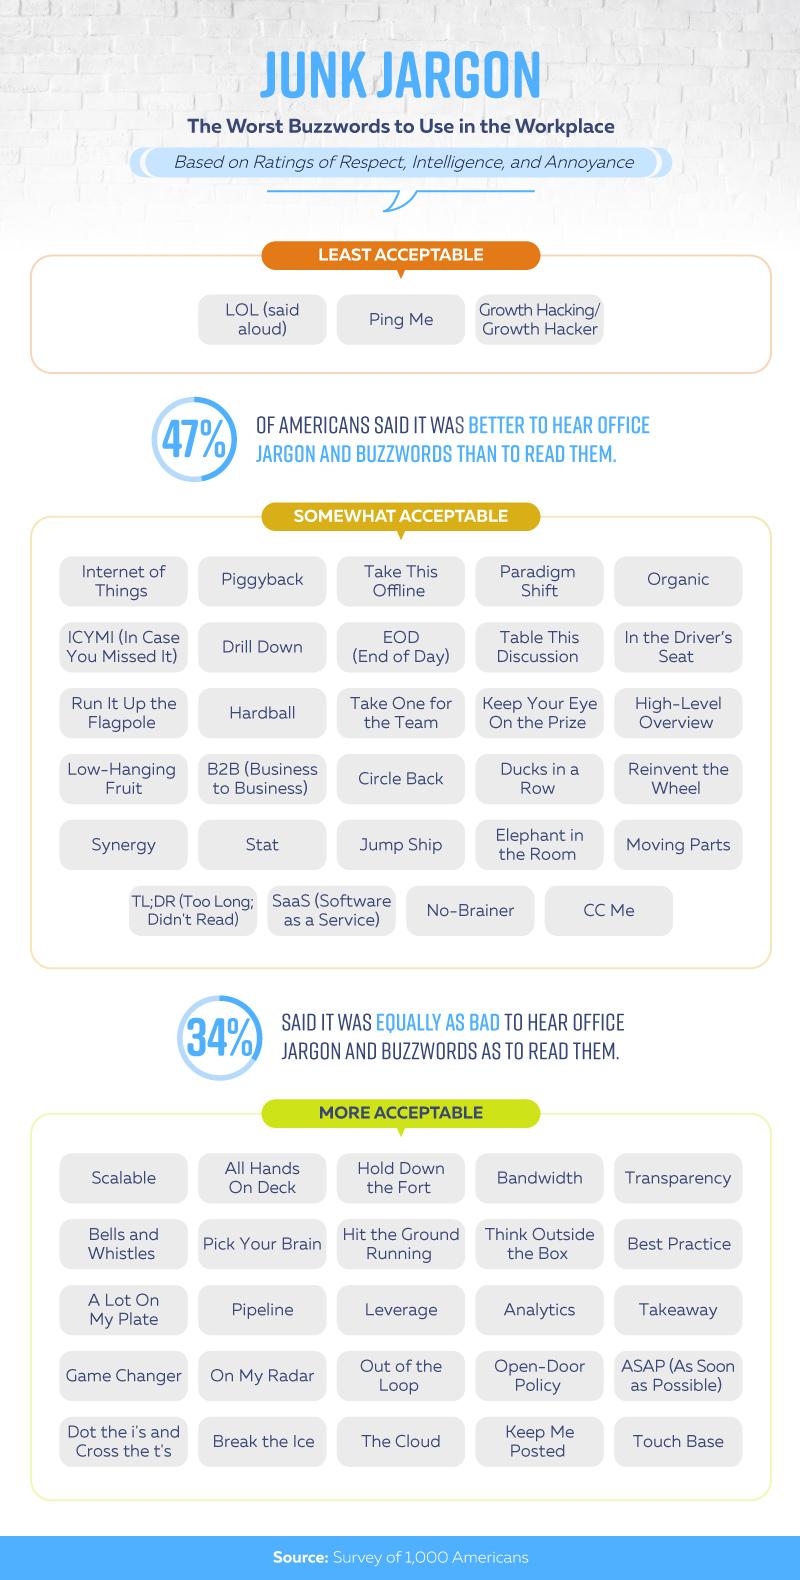 Bridgette_16_10_17_jargo survey_summit hosting_infographic1